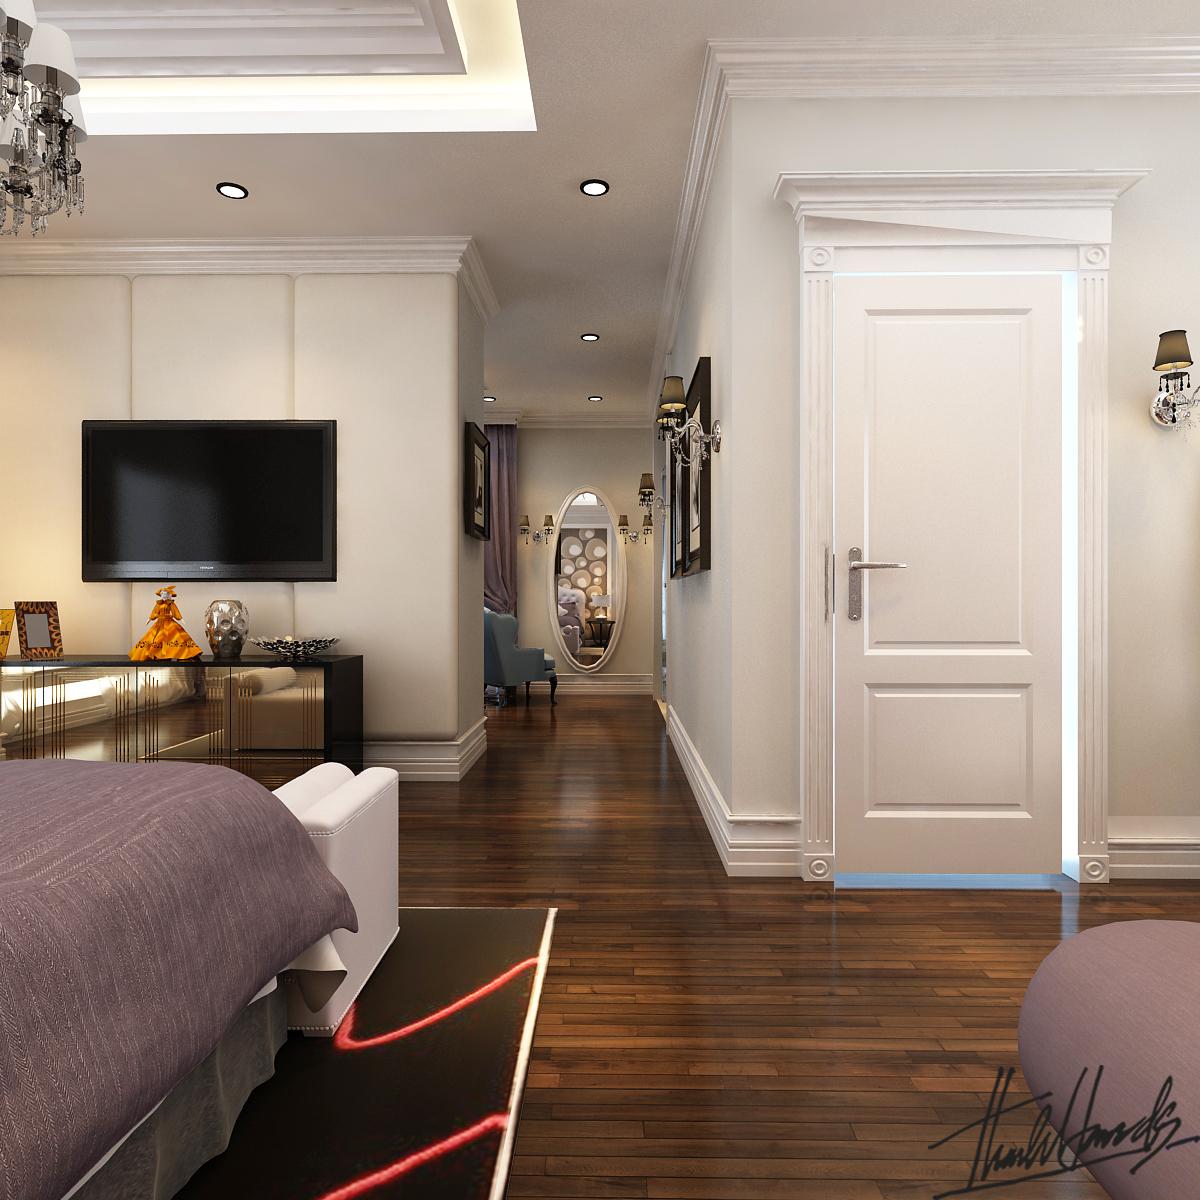 thiết kế nội thất Biệt Thự tại Hà Nội Biệt thự - Việt Hưng  20 1568273824